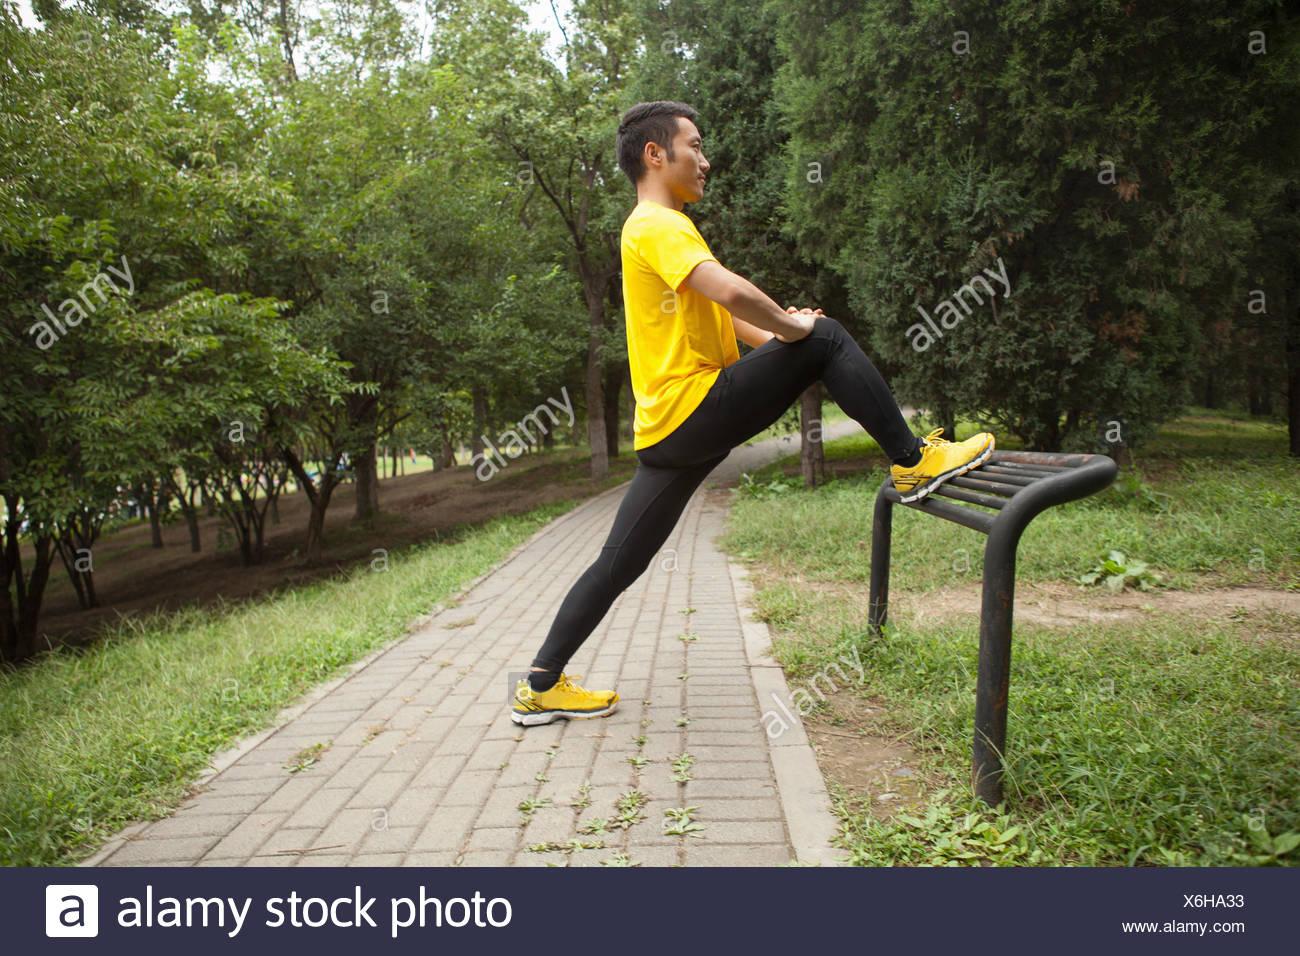 Junge männliche Läufer Aufwärmen im park Stockbild